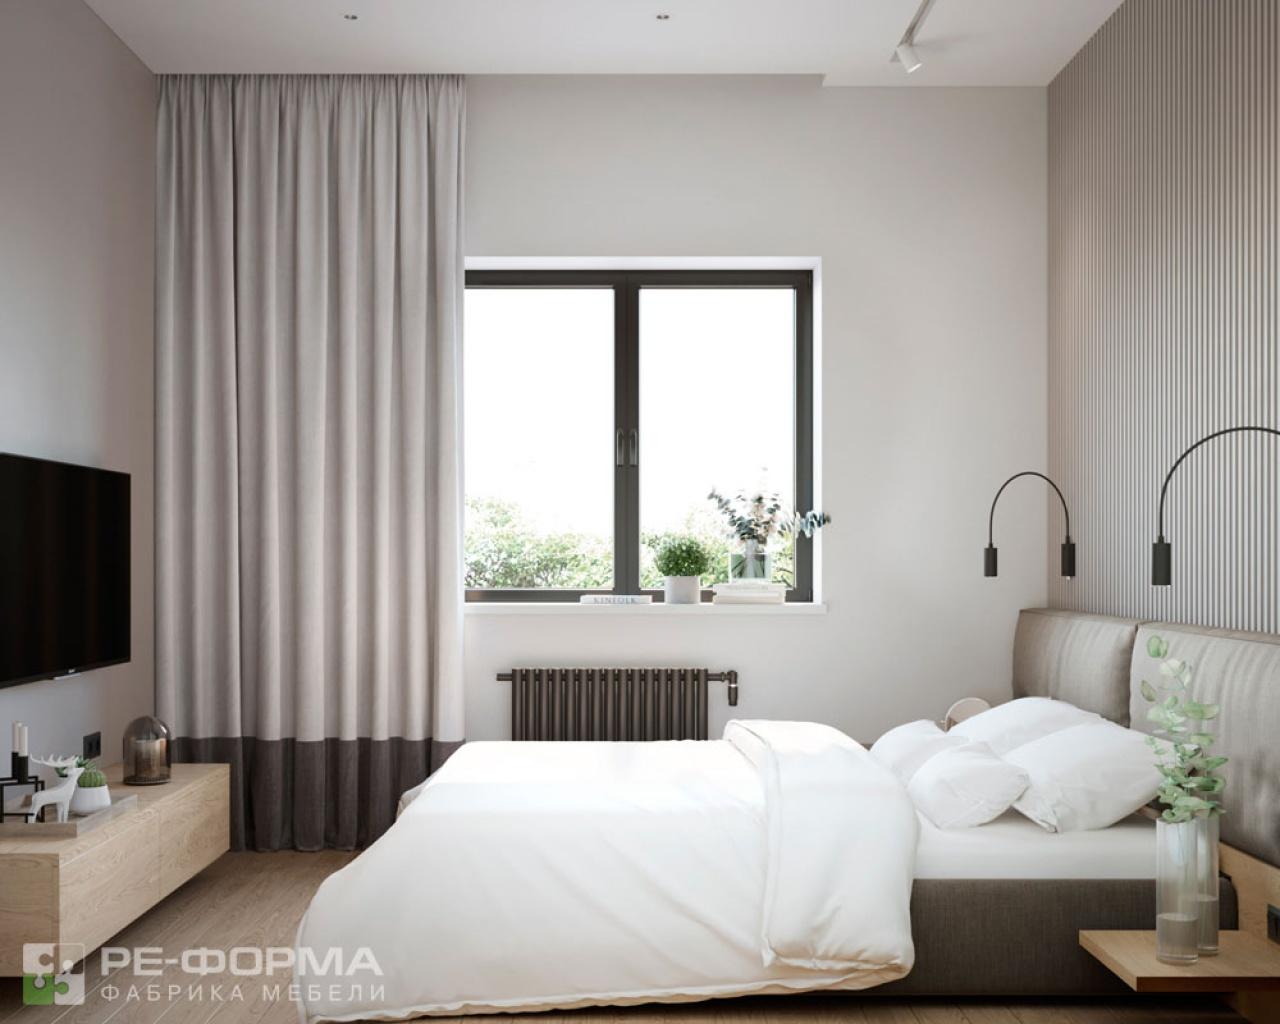 012 спальня шпон фабрика мебели ре форма